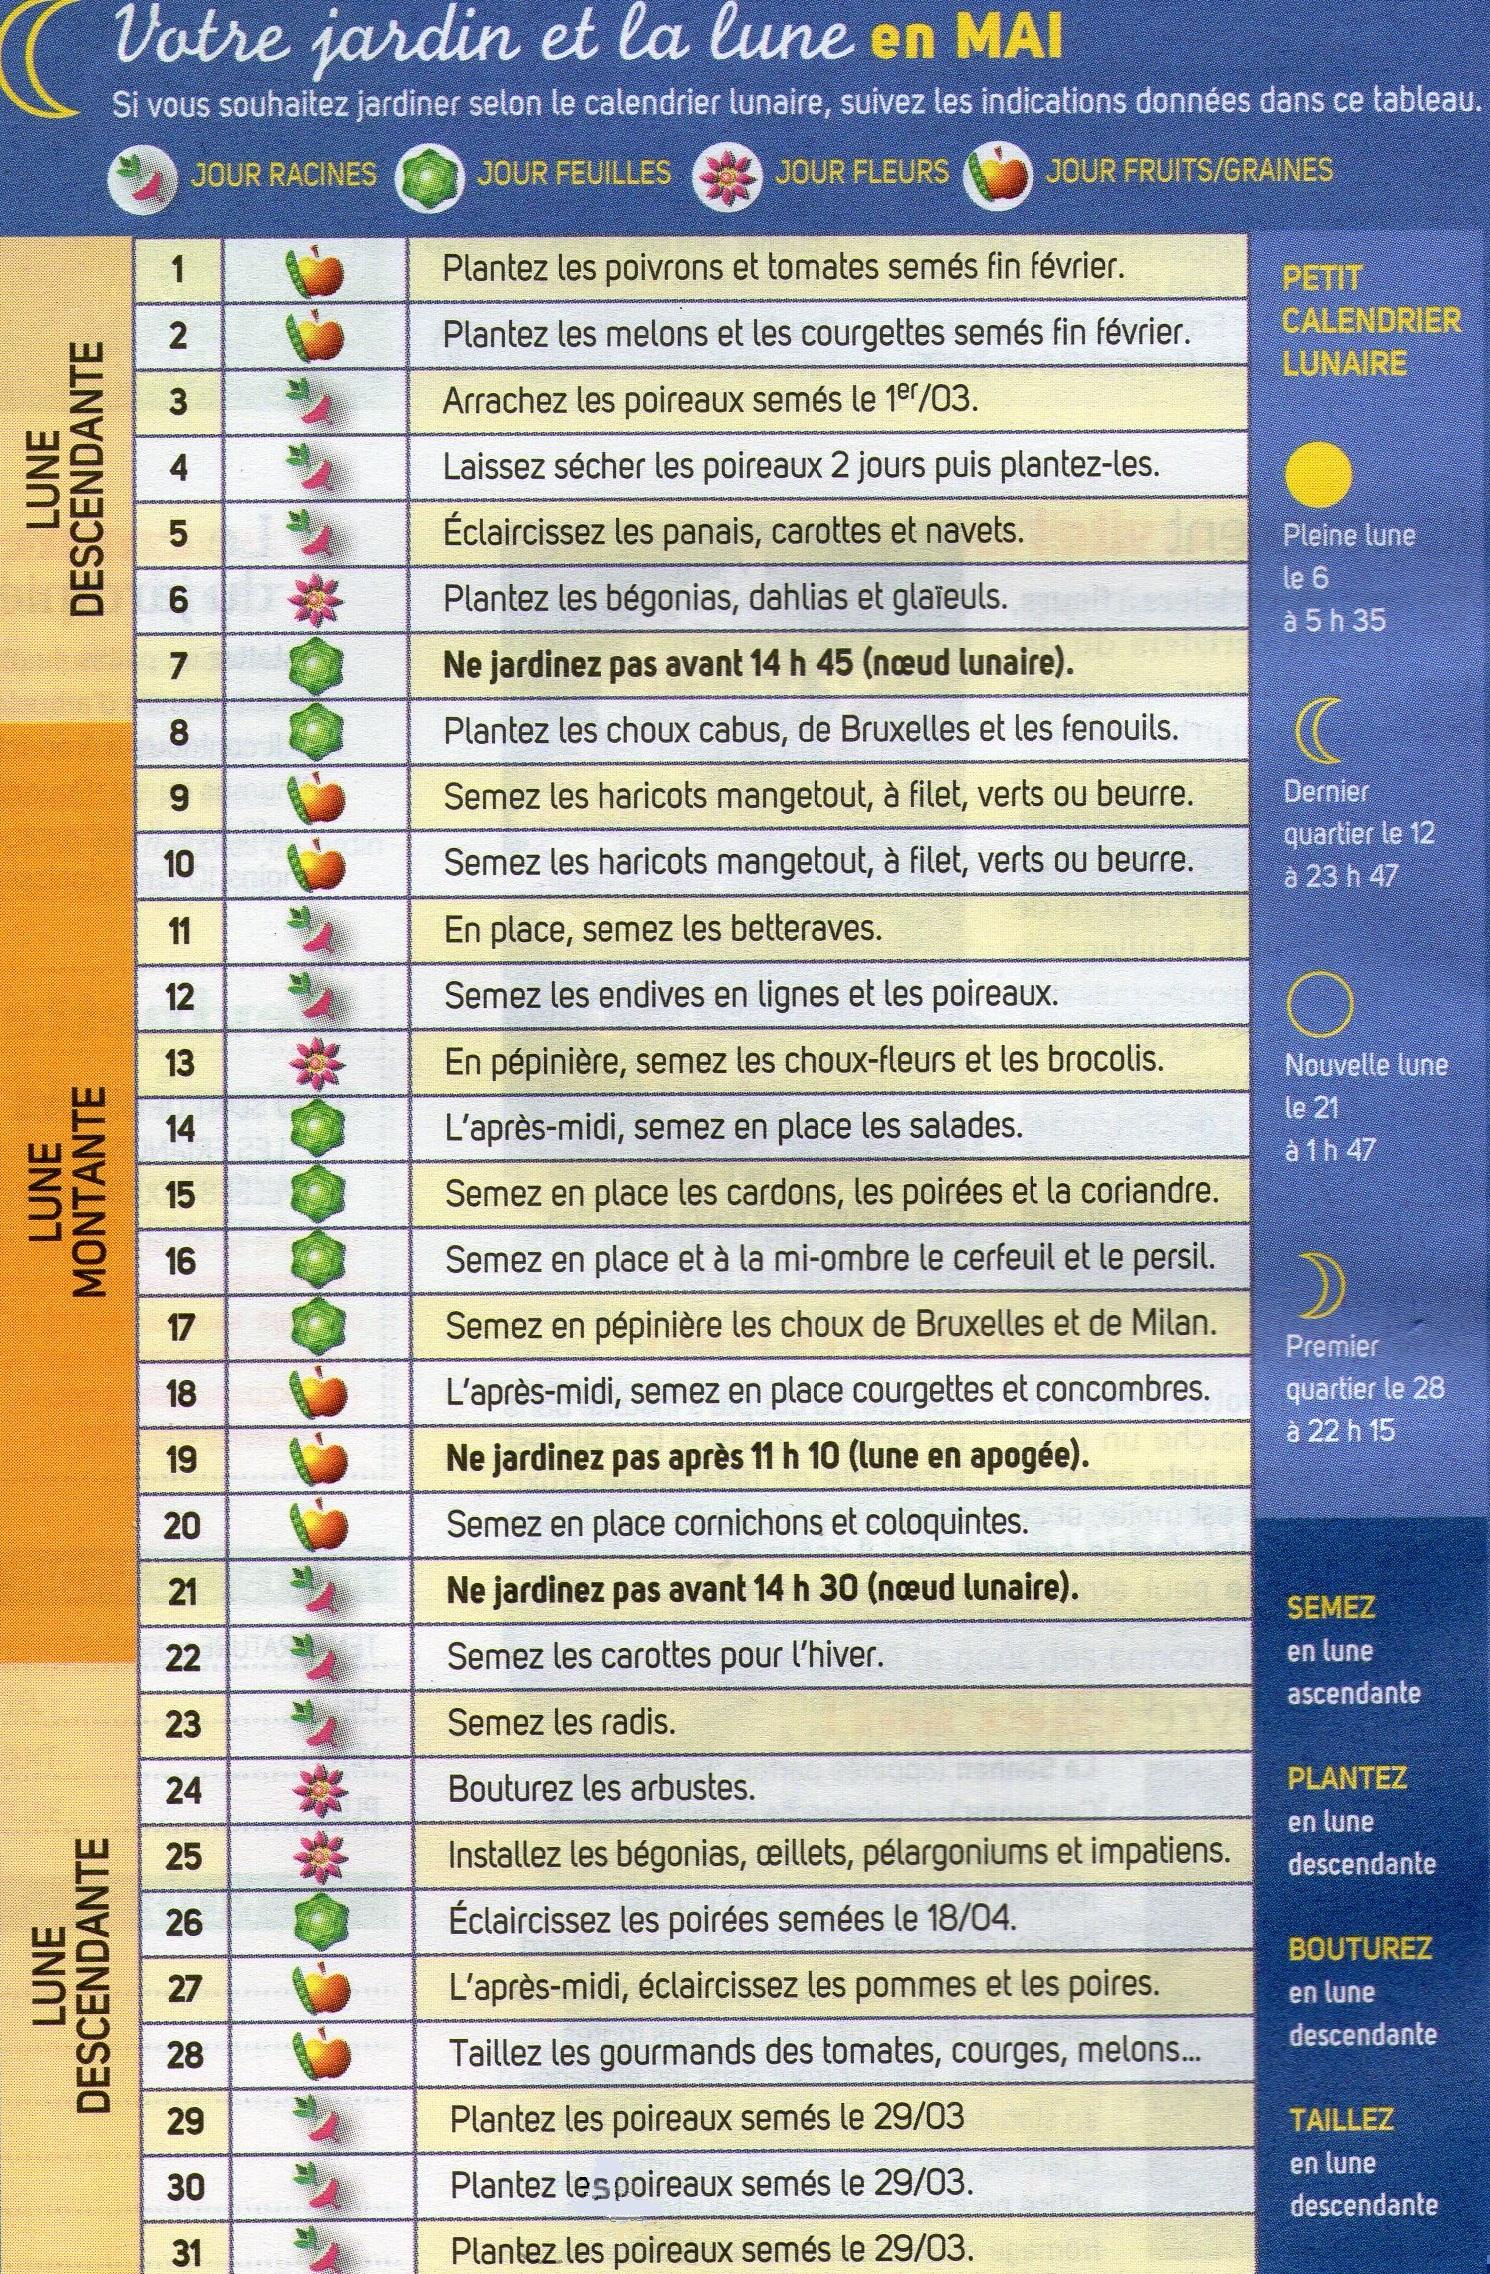 Votre jardin et la lune en mai 2012 trucs et conseils colos for Calendrier lunaire jardin mai 2015